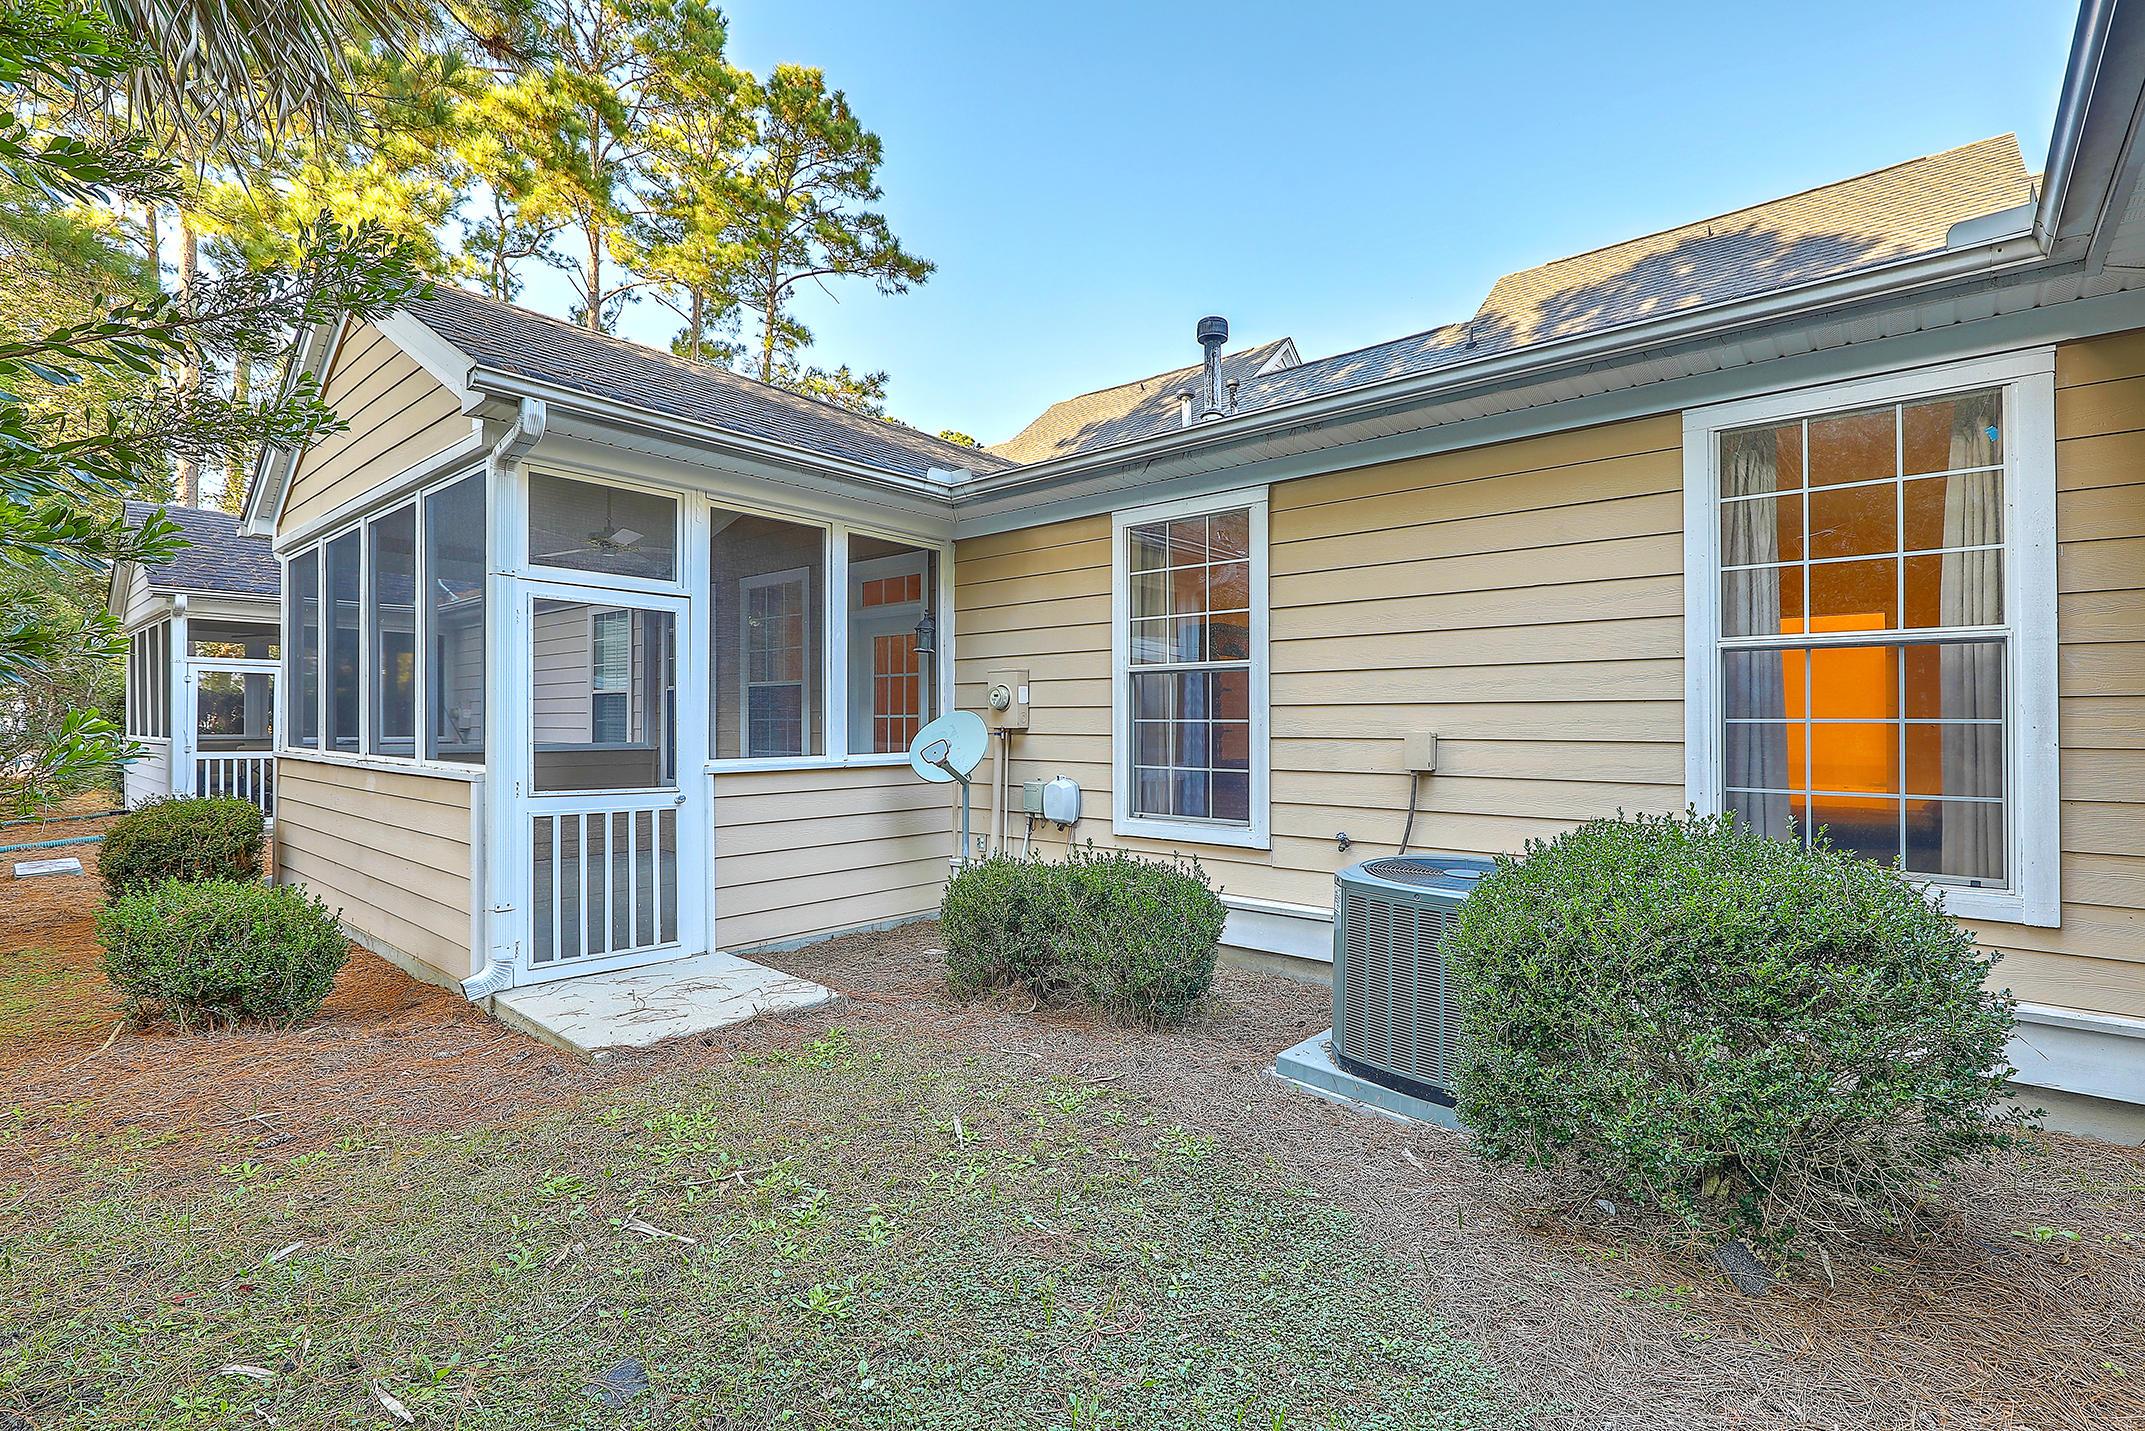 Dunes West Homes For Sale - 163 Fair Sailing, Mount Pleasant, SC - 41